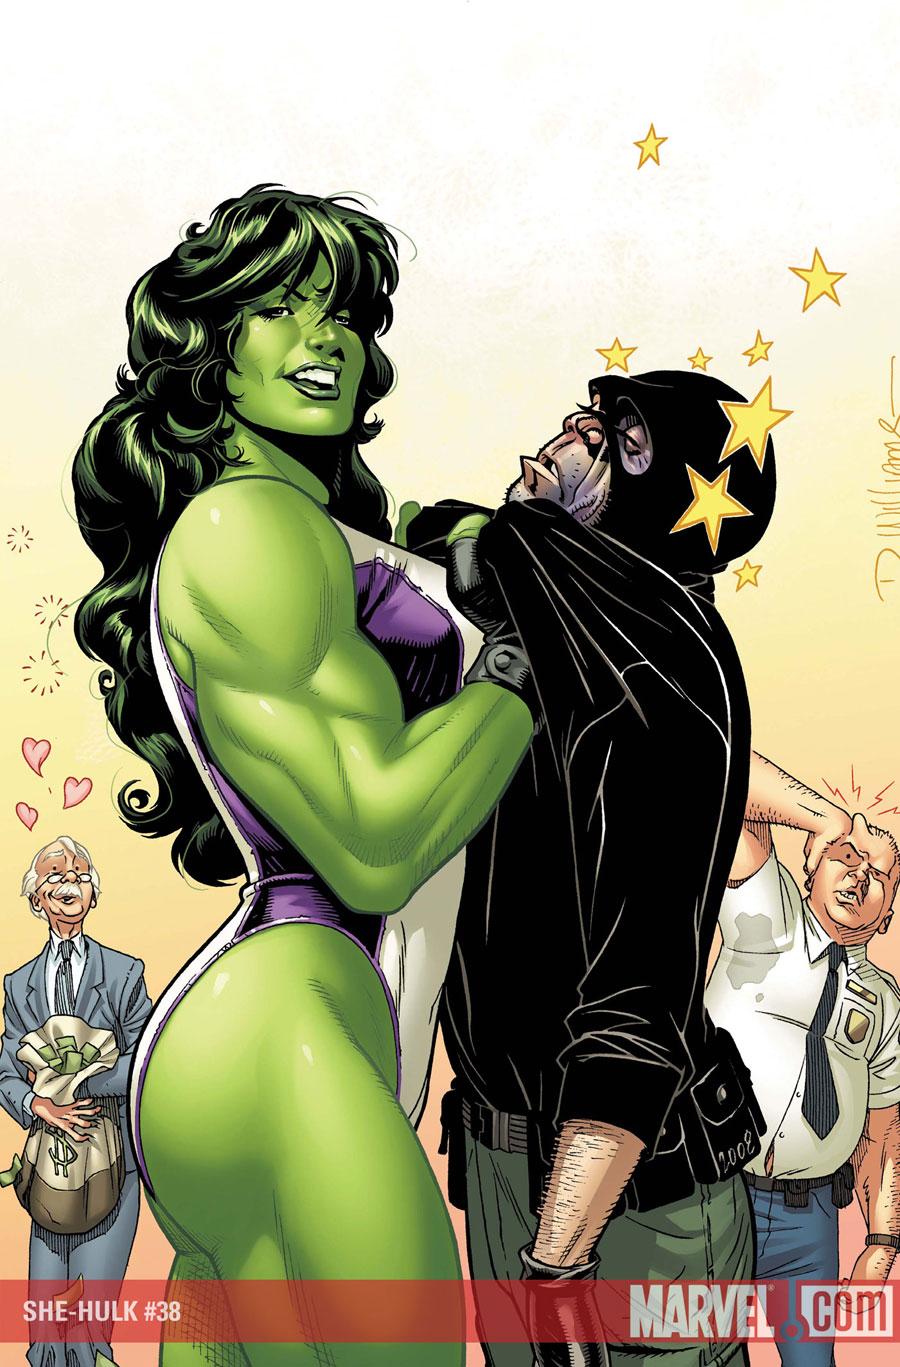 Oversexualization of women in comics